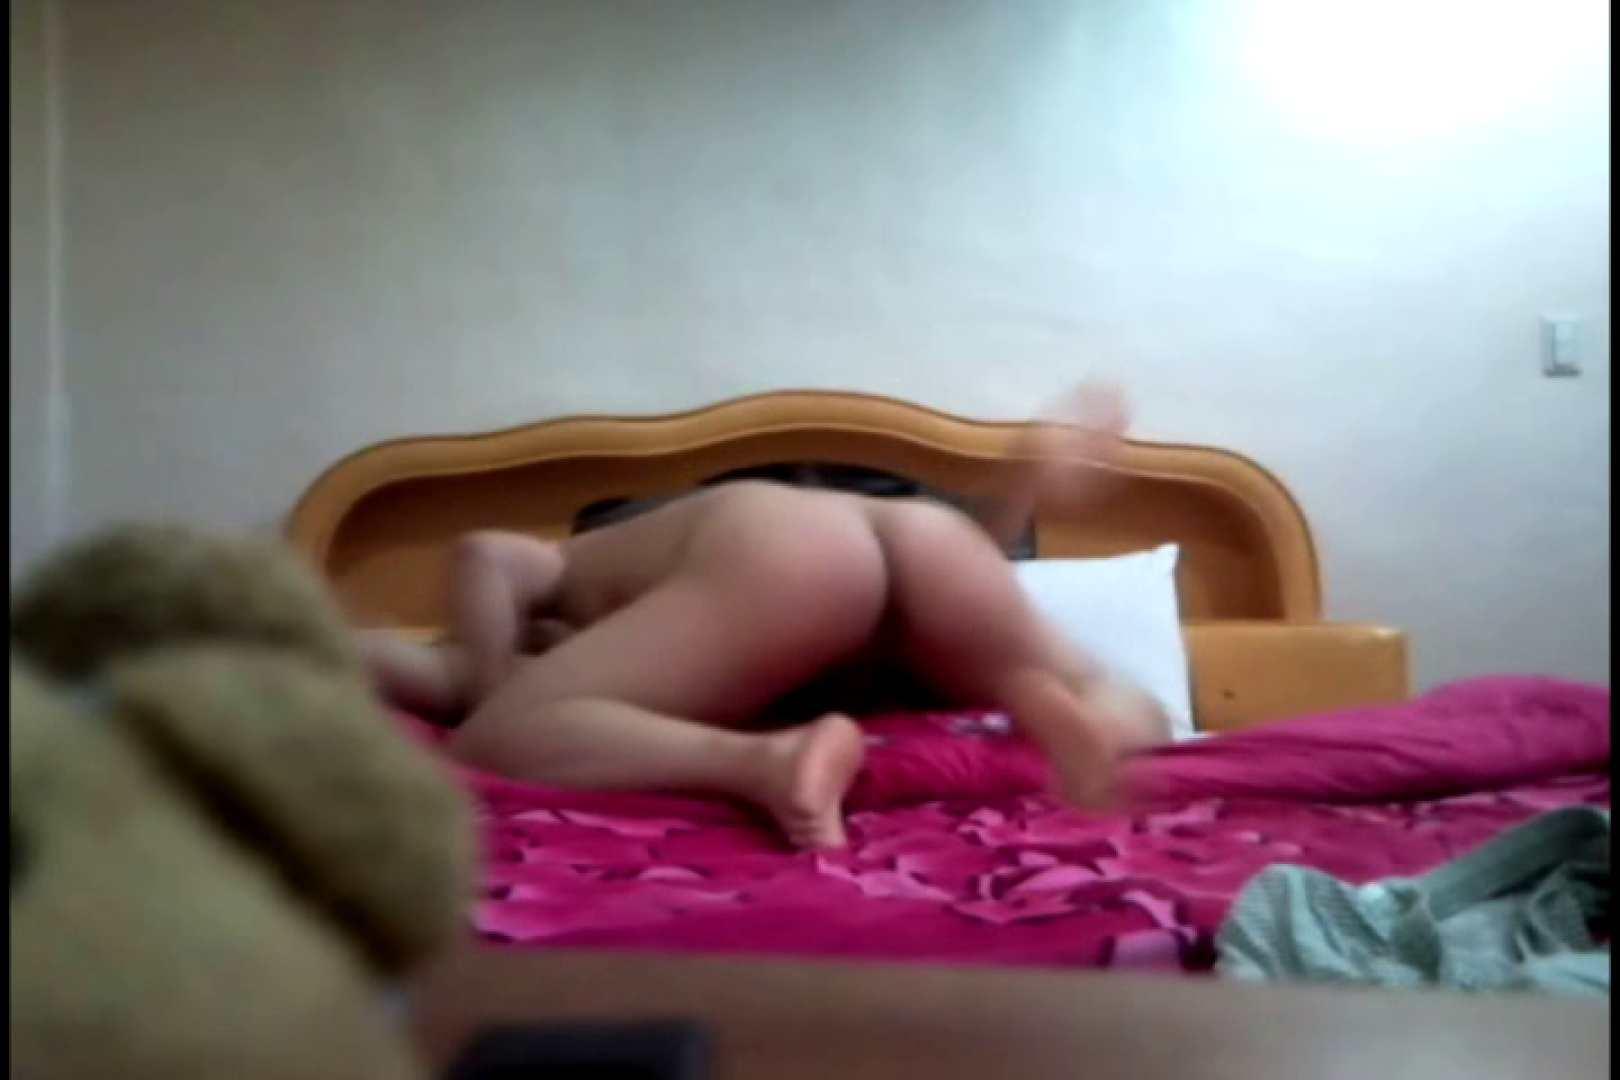 コリアン素人流出シリーズ ラブホテル隠し撮り お姉さんのセックス おめこ無修正画像 97枚 29